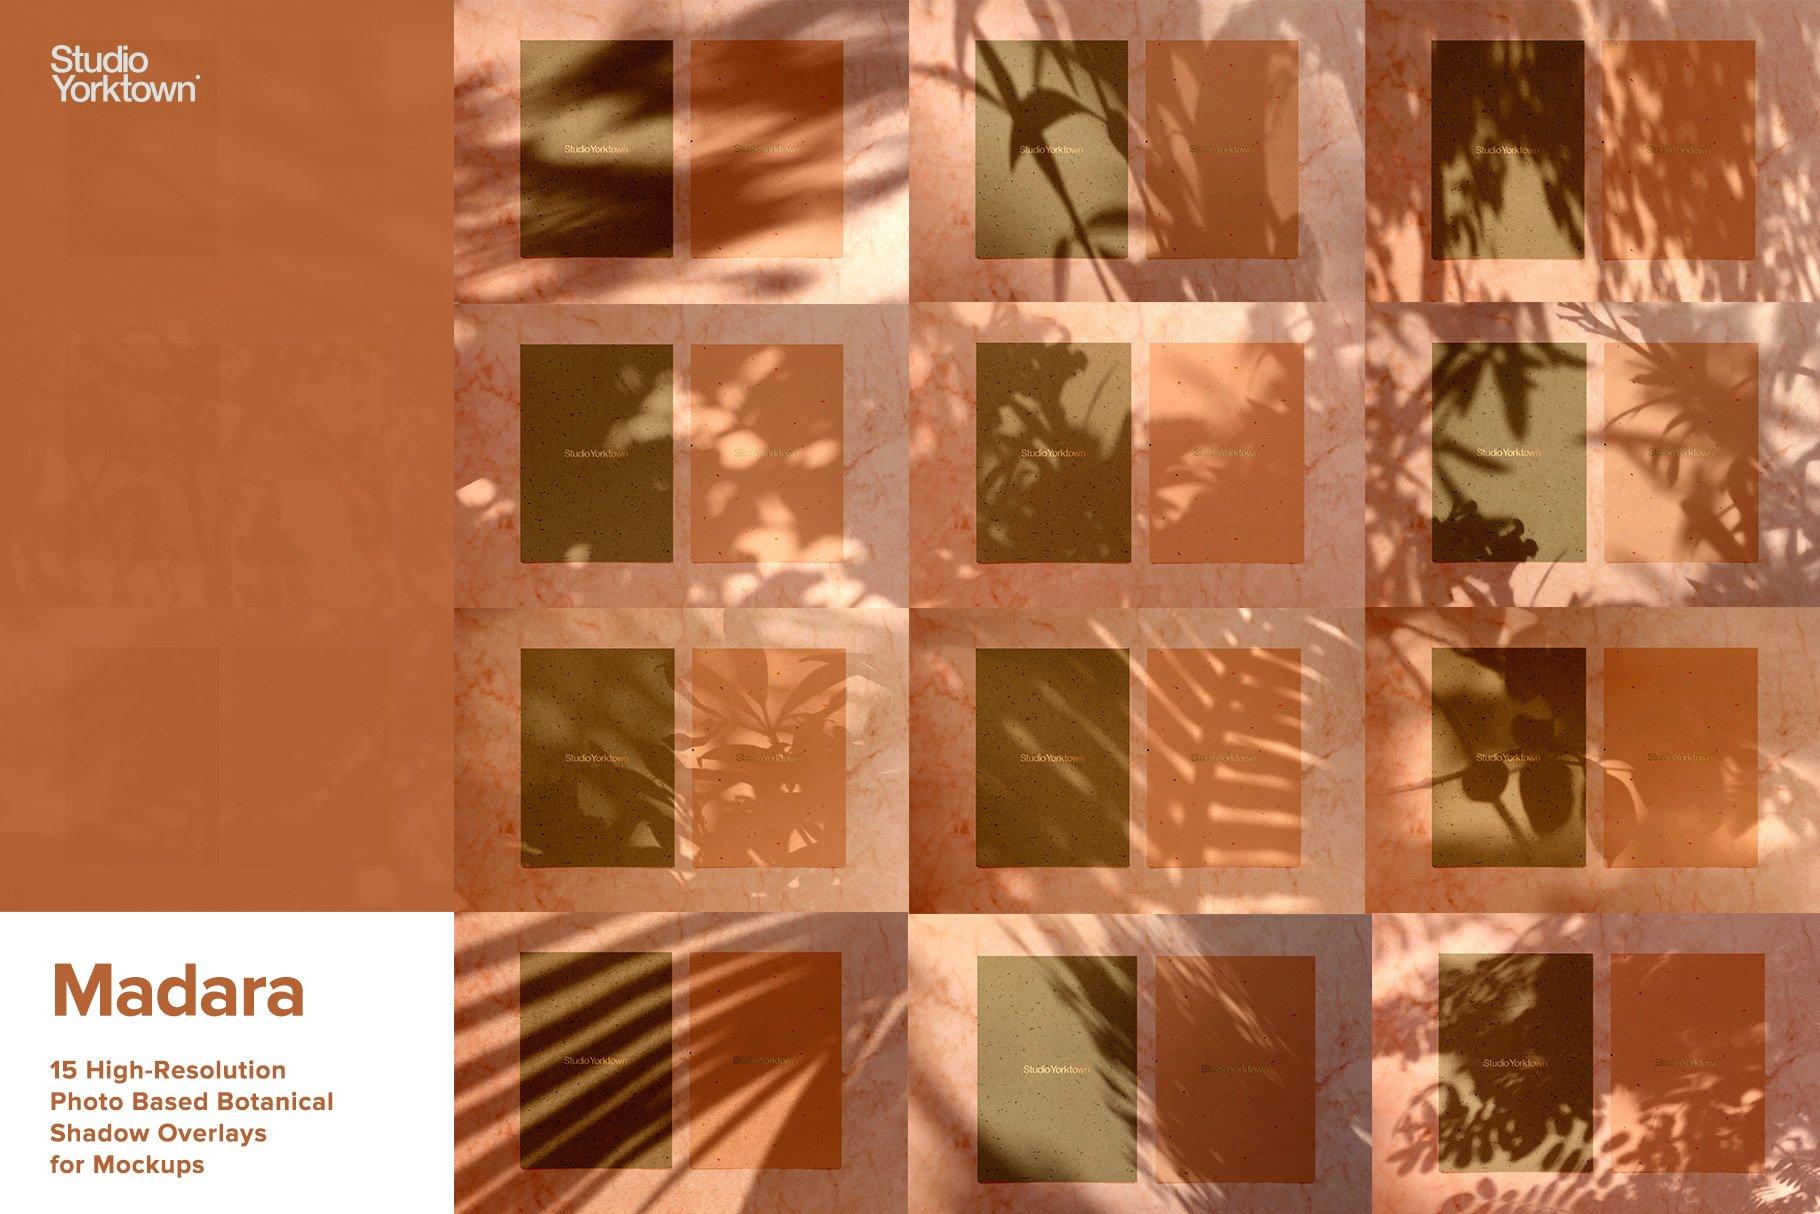 [淘宝购买] 15款高清植物阴影叠加PNG透明免抠图片素材 Madara – Botanical Shadow Overlays插图(1)